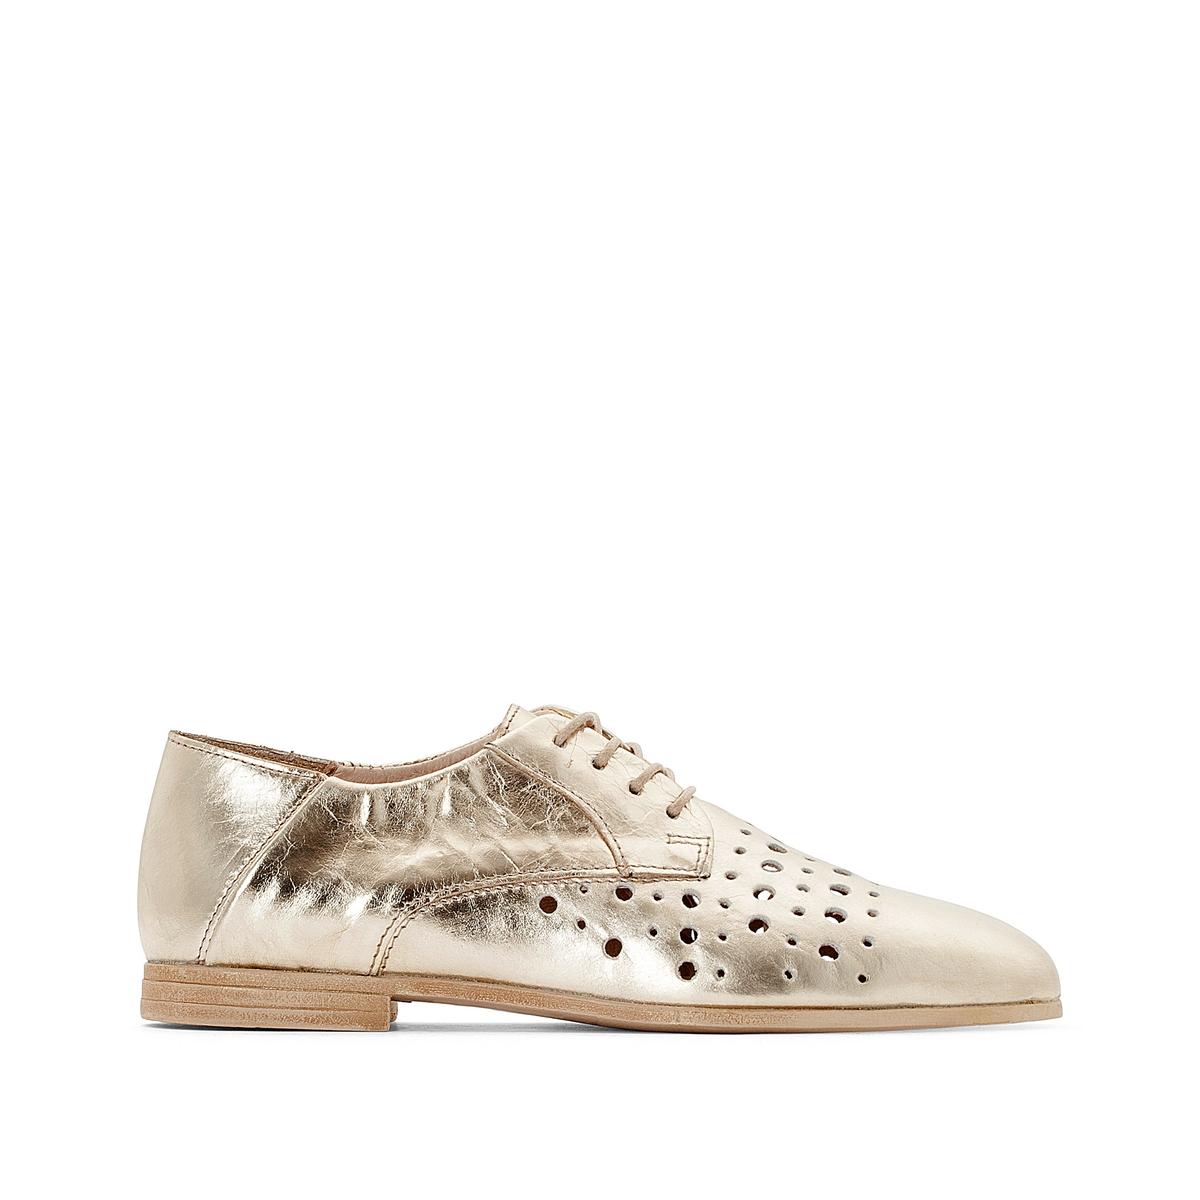 Ботинки-дерби кожаные на шнуровке, Elinor ботинки женские зимние на шнуровке без каблука купить